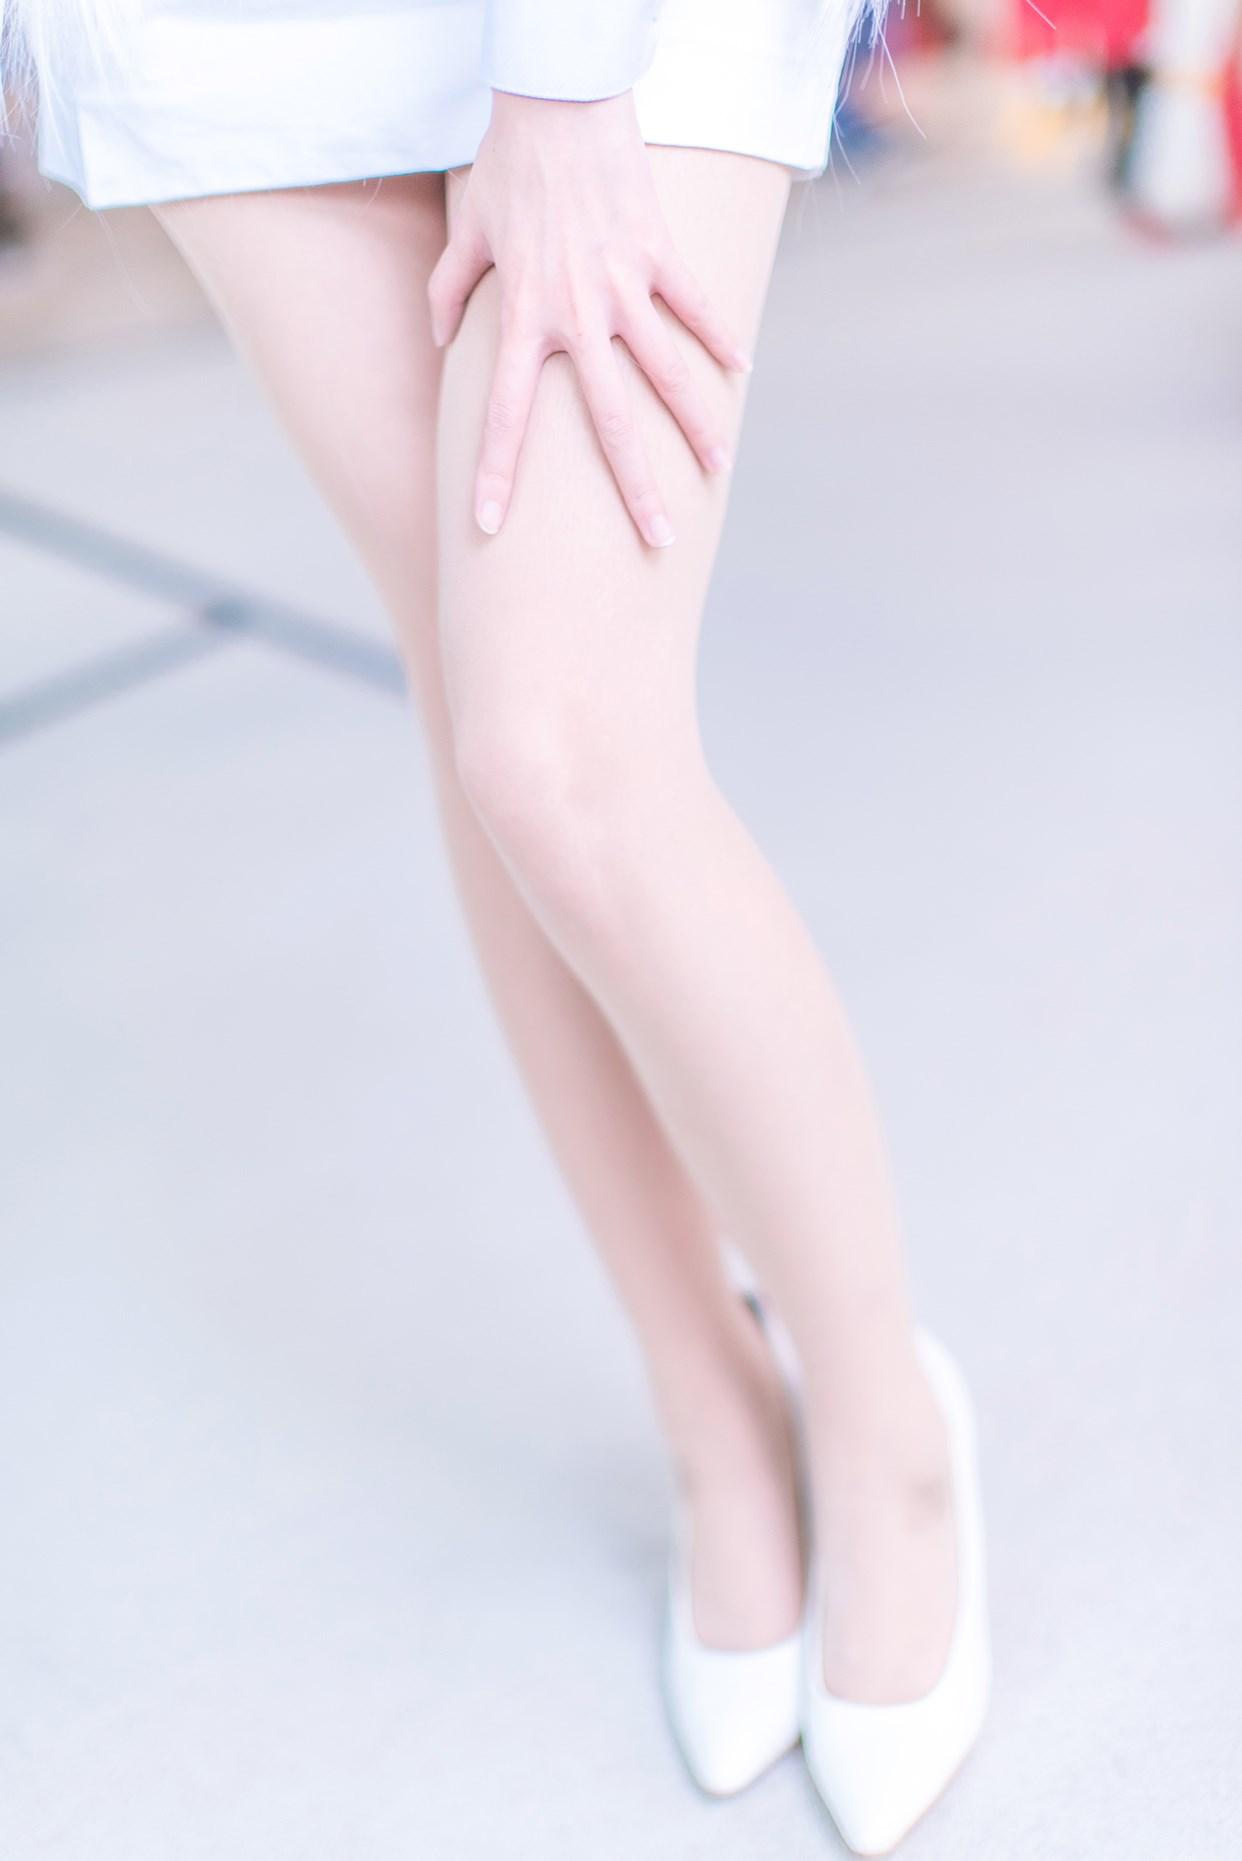 【兔玩映画】腿照福利合集2.0 兔玩映画 第2张